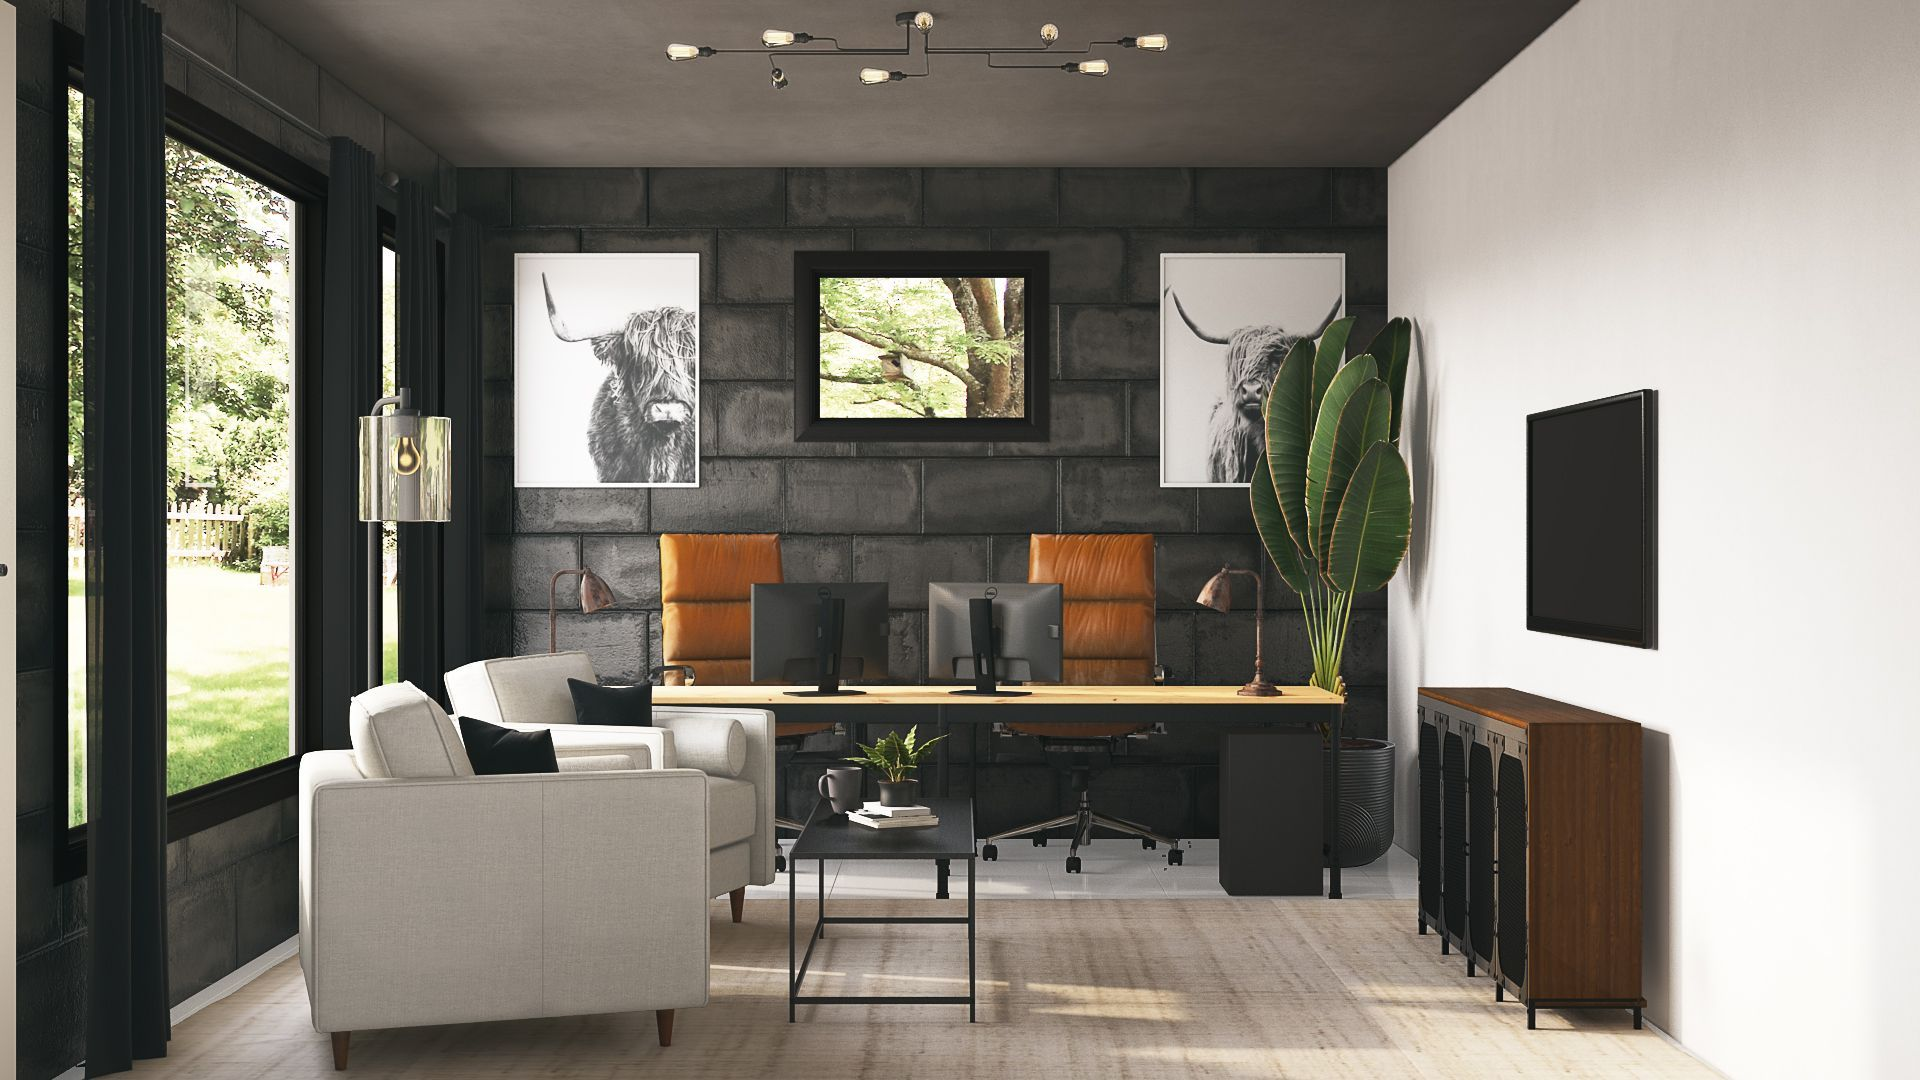 Modern Industrial Midcentury Modern Scandinavian Office Design By Havenly Interior Designe In 2020 Interior Design Office Interior Design Office Design